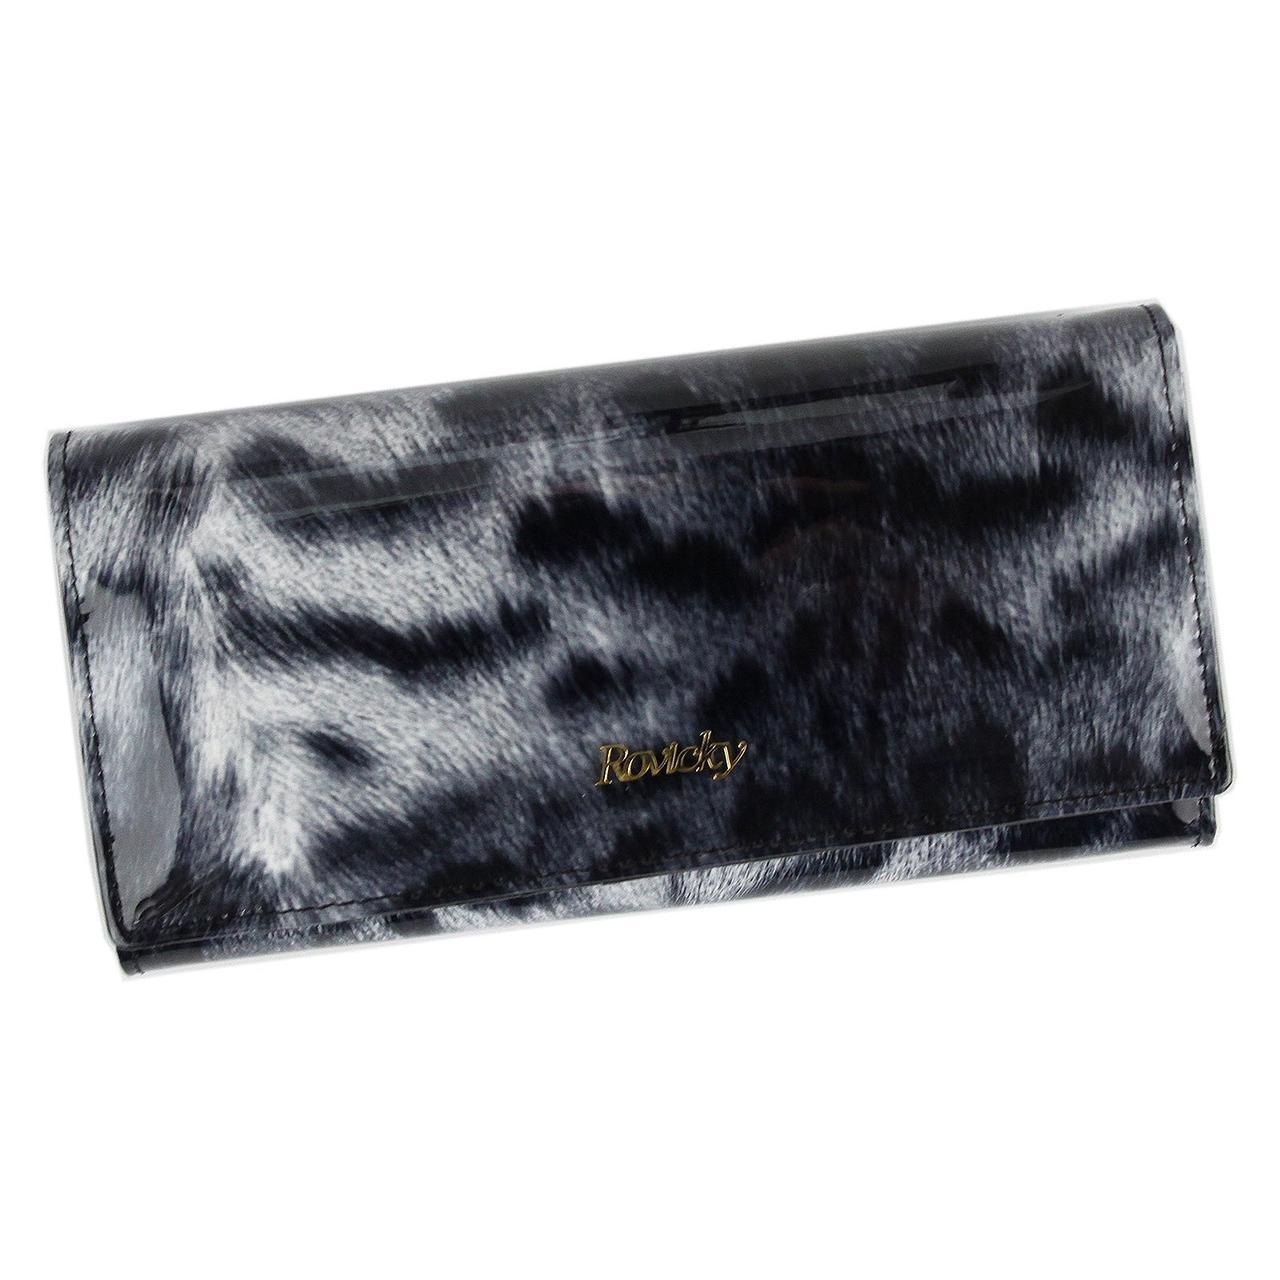 Жіночий шкіряний гаманець Rovicky 8805-PTR RFID Червоний